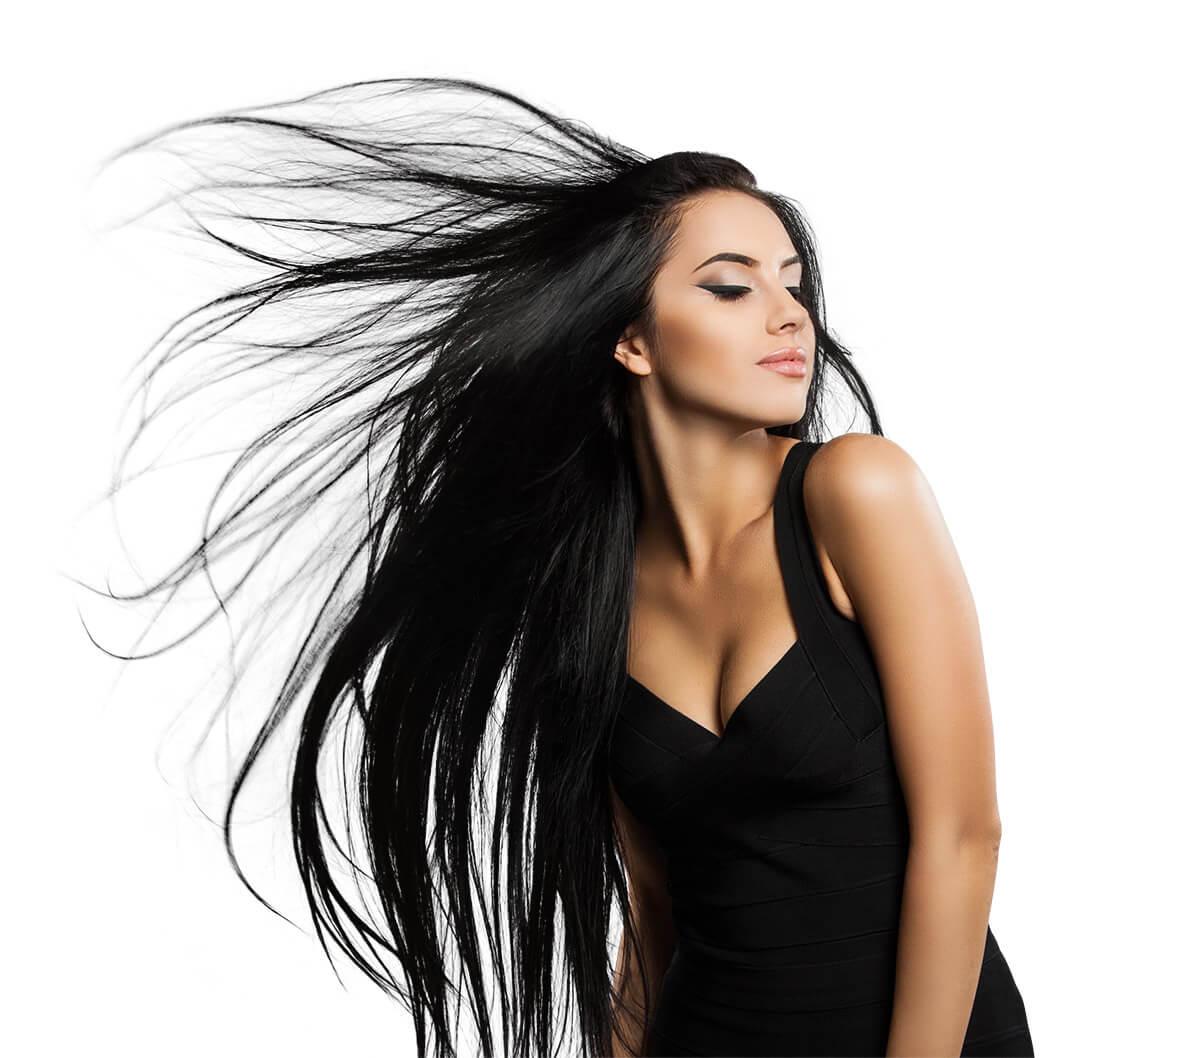 Freistellen Bildbearbeitung Haare Frau schwarz 2